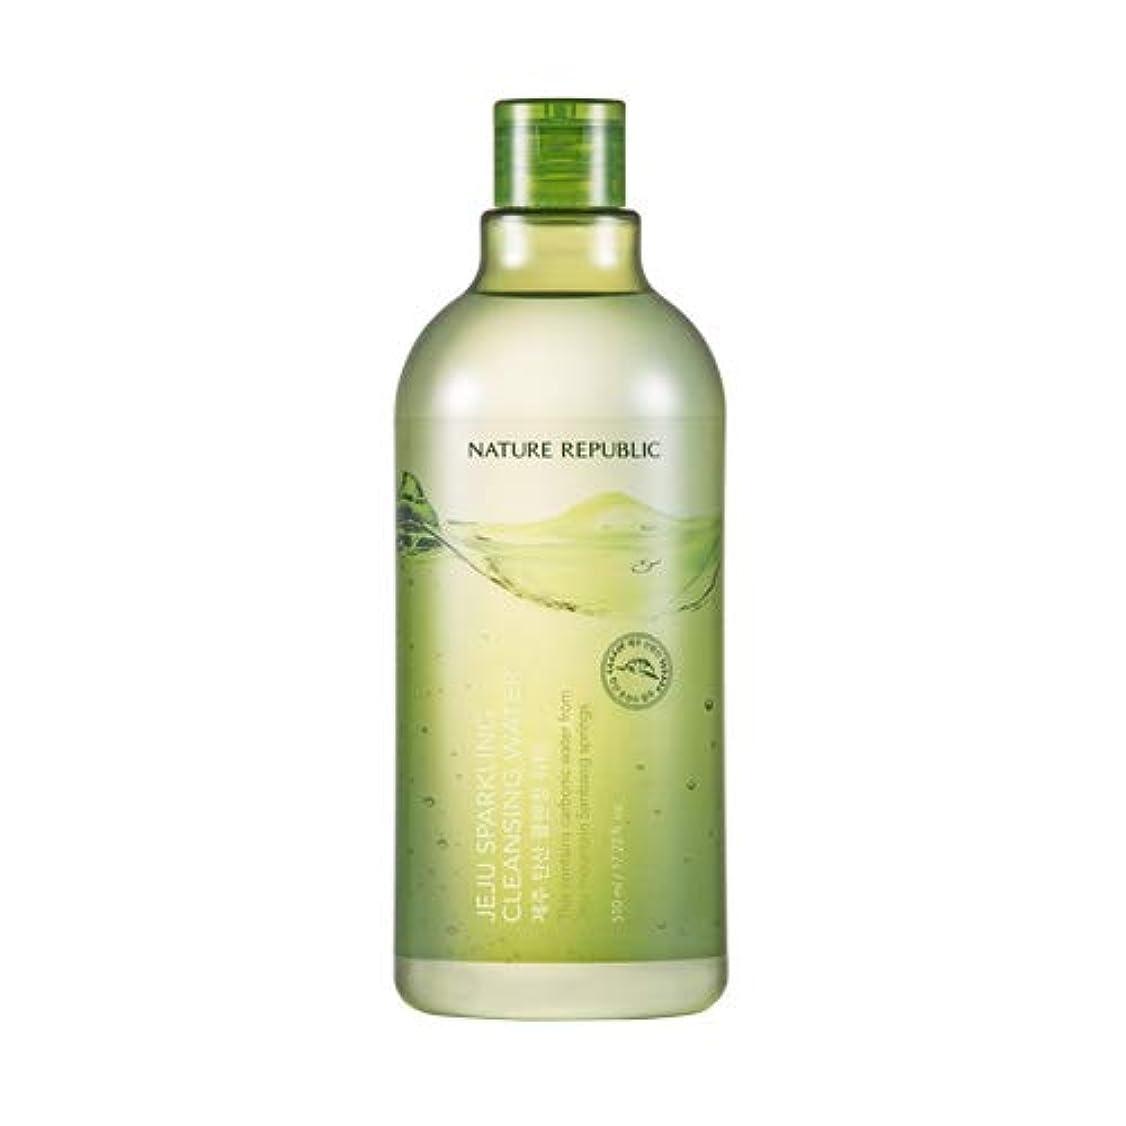 許容余裕があるおとこNature republic Jeju Sparkling(Carbonic) Cleansing Water ネイチャーリパブリック済州炭酸クレンジングウォーター 510ml [並行輸入品]